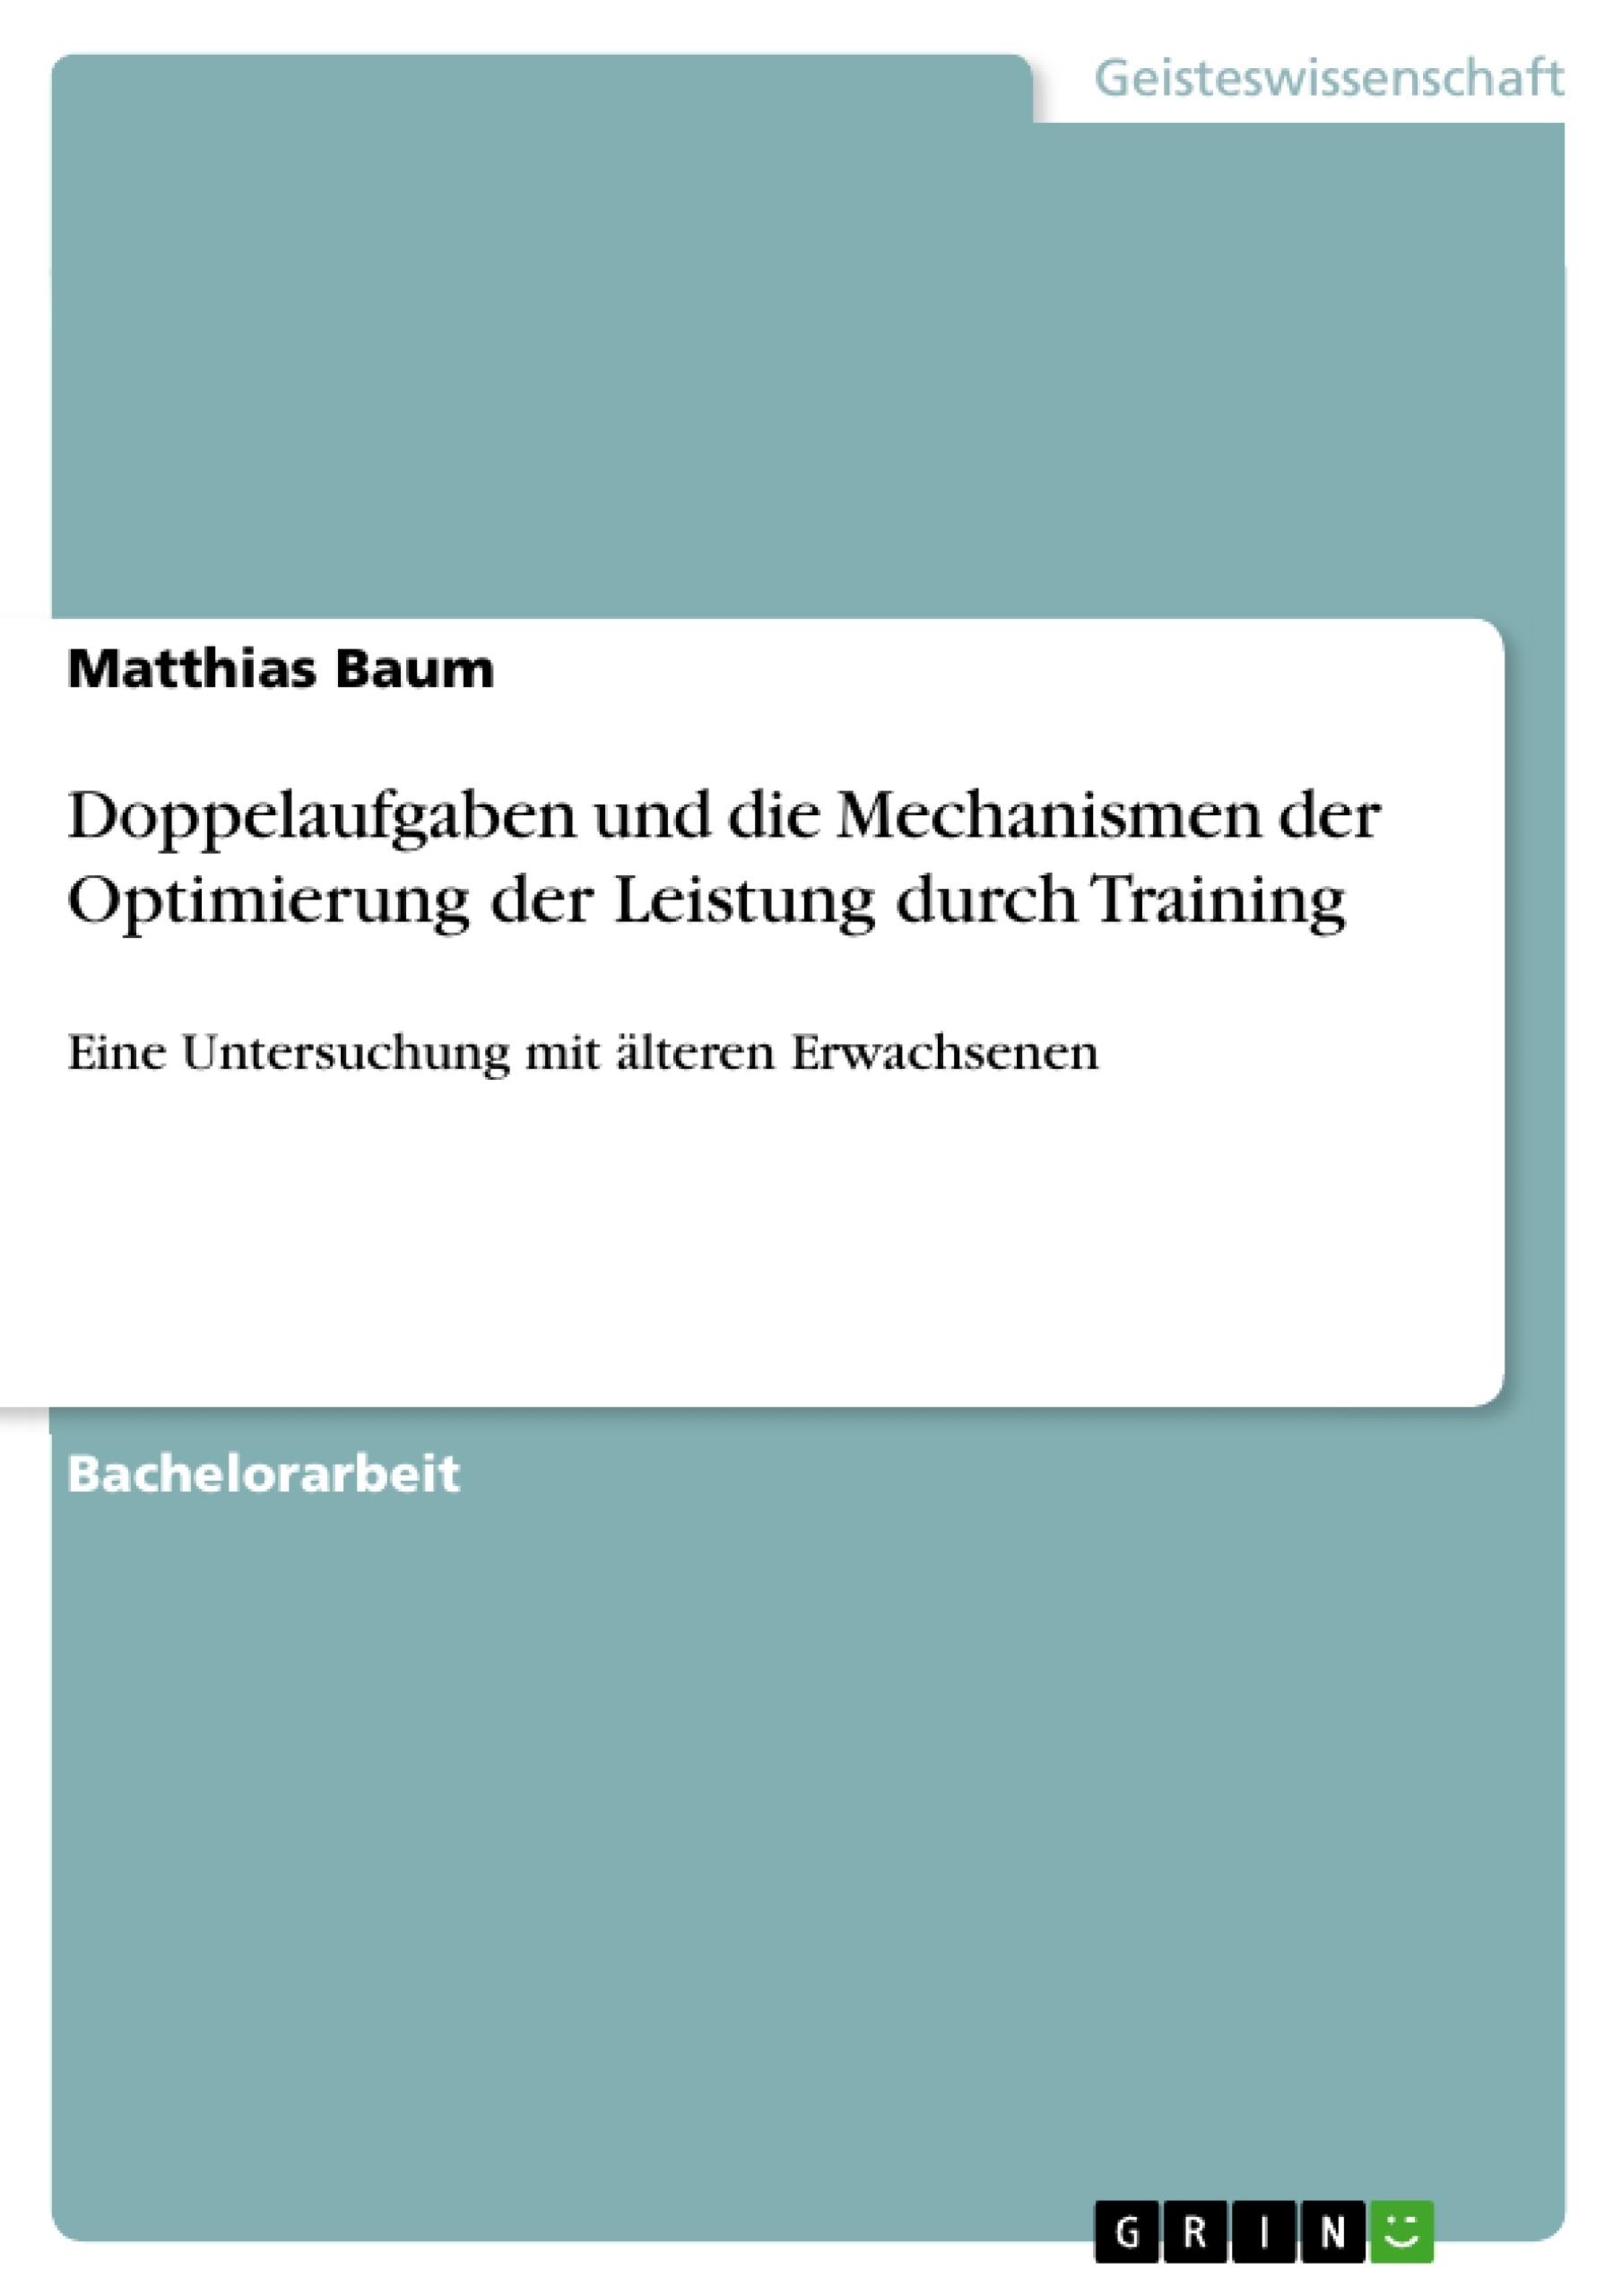 Titel: Doppelaufgaben und die Mechanismen der Optimierung der Leistung durch Training